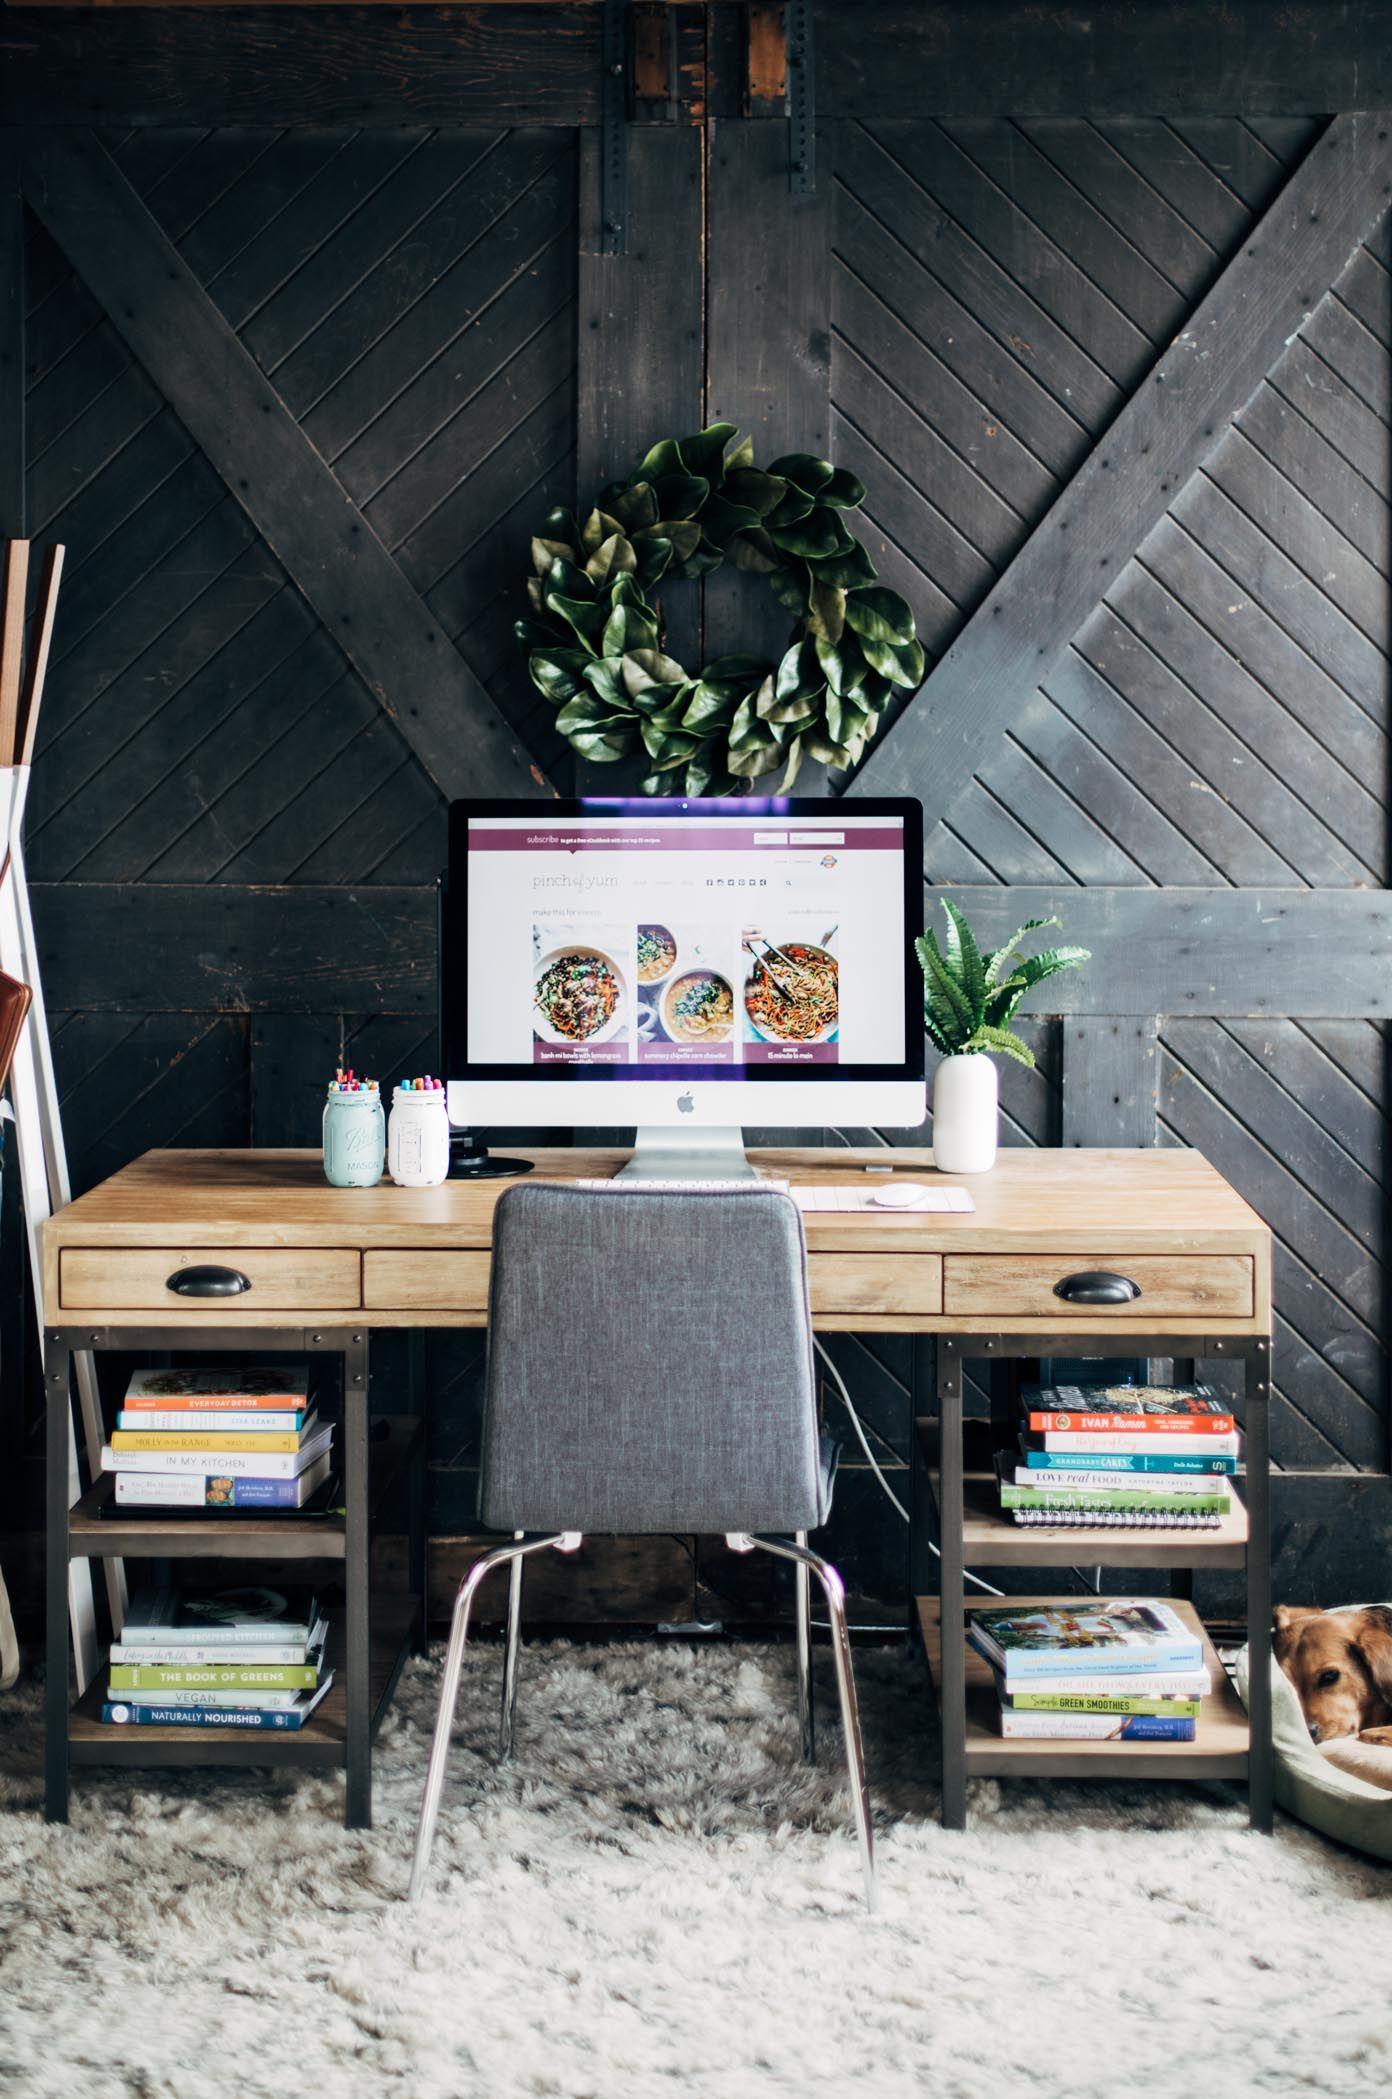 industrial modern office. Home Sweet Studio: An Industrial Modern Office And Studio Makeover | Pinchofyum.com H